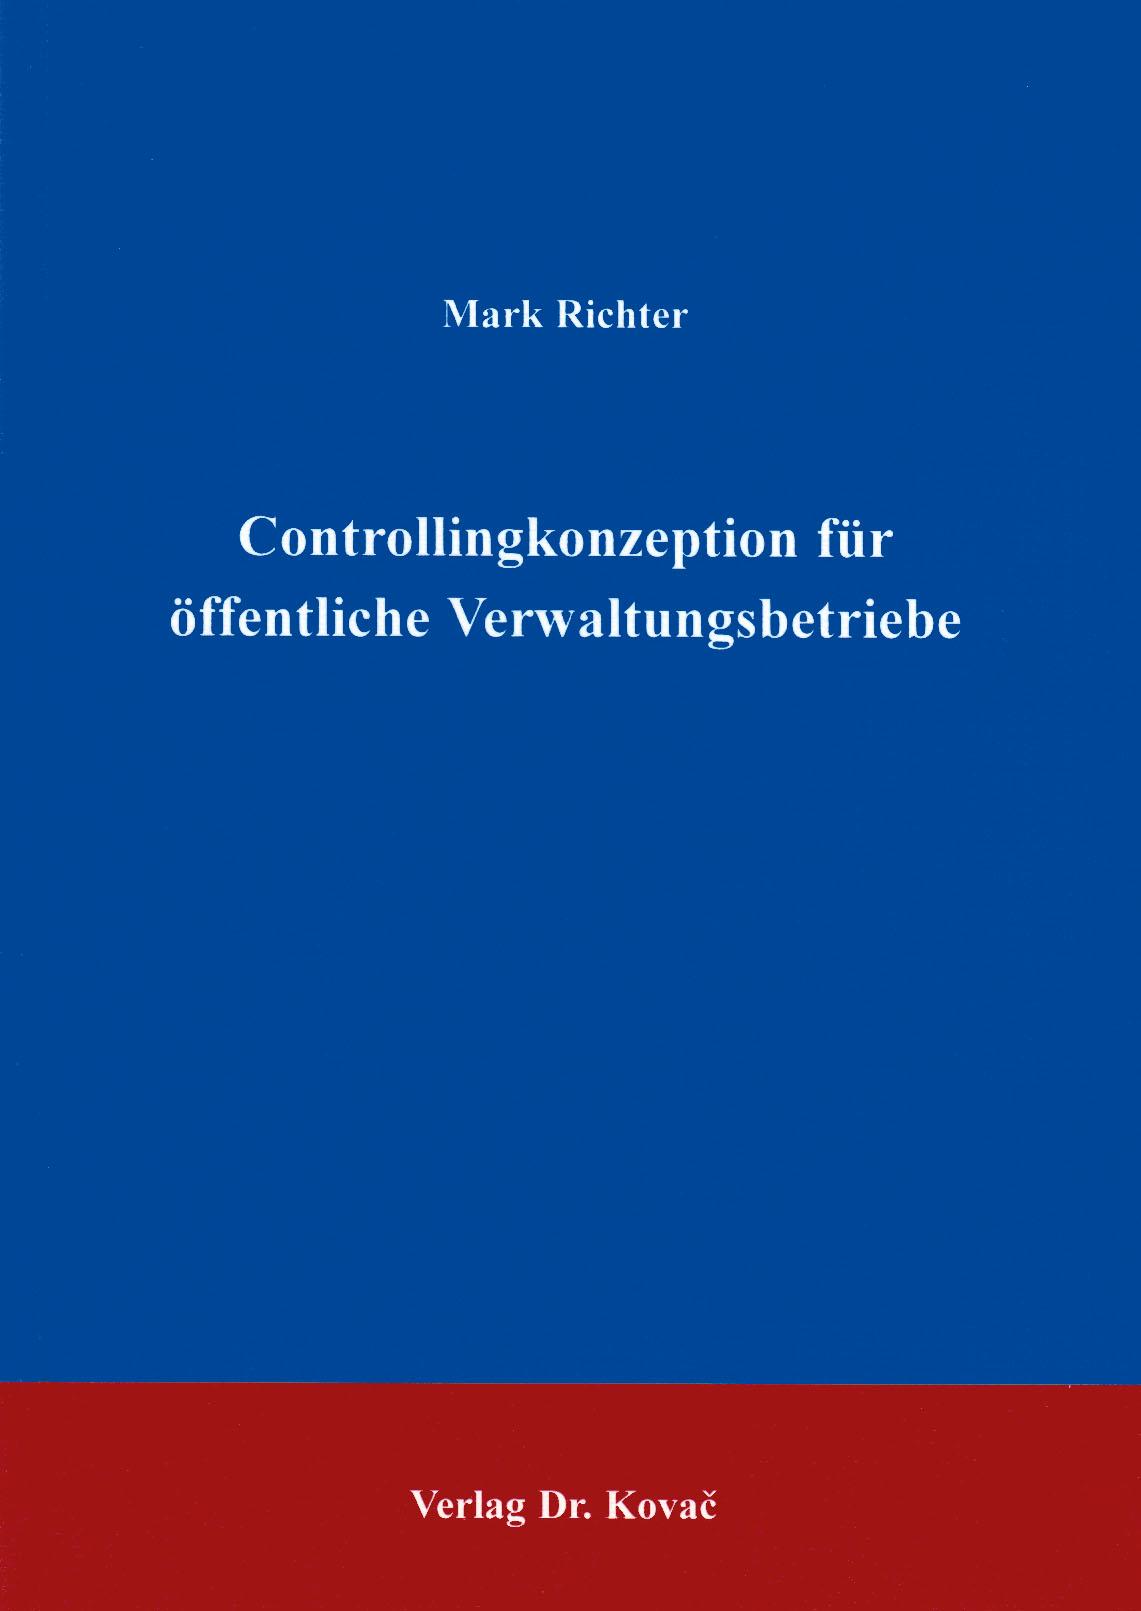 Cover: Controllingkonzeption für öffentliche Verwaltungsbetriebe